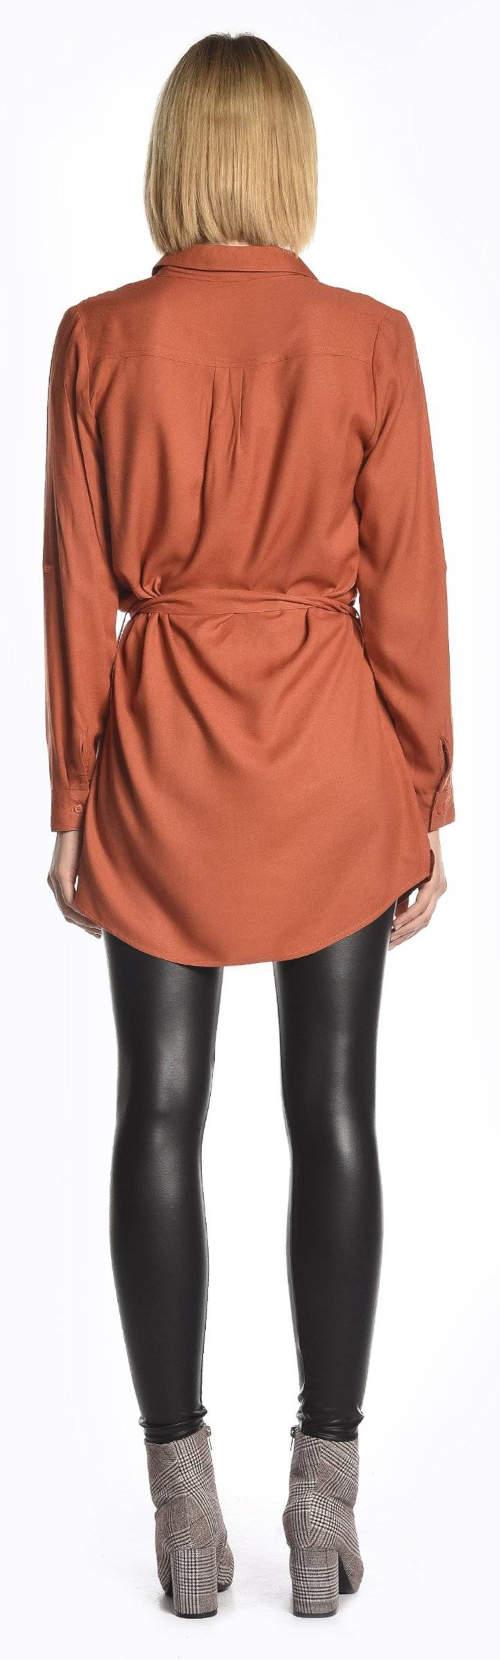 Pomarańczowa przedłużona tunika i czarne błyszczące legginsy